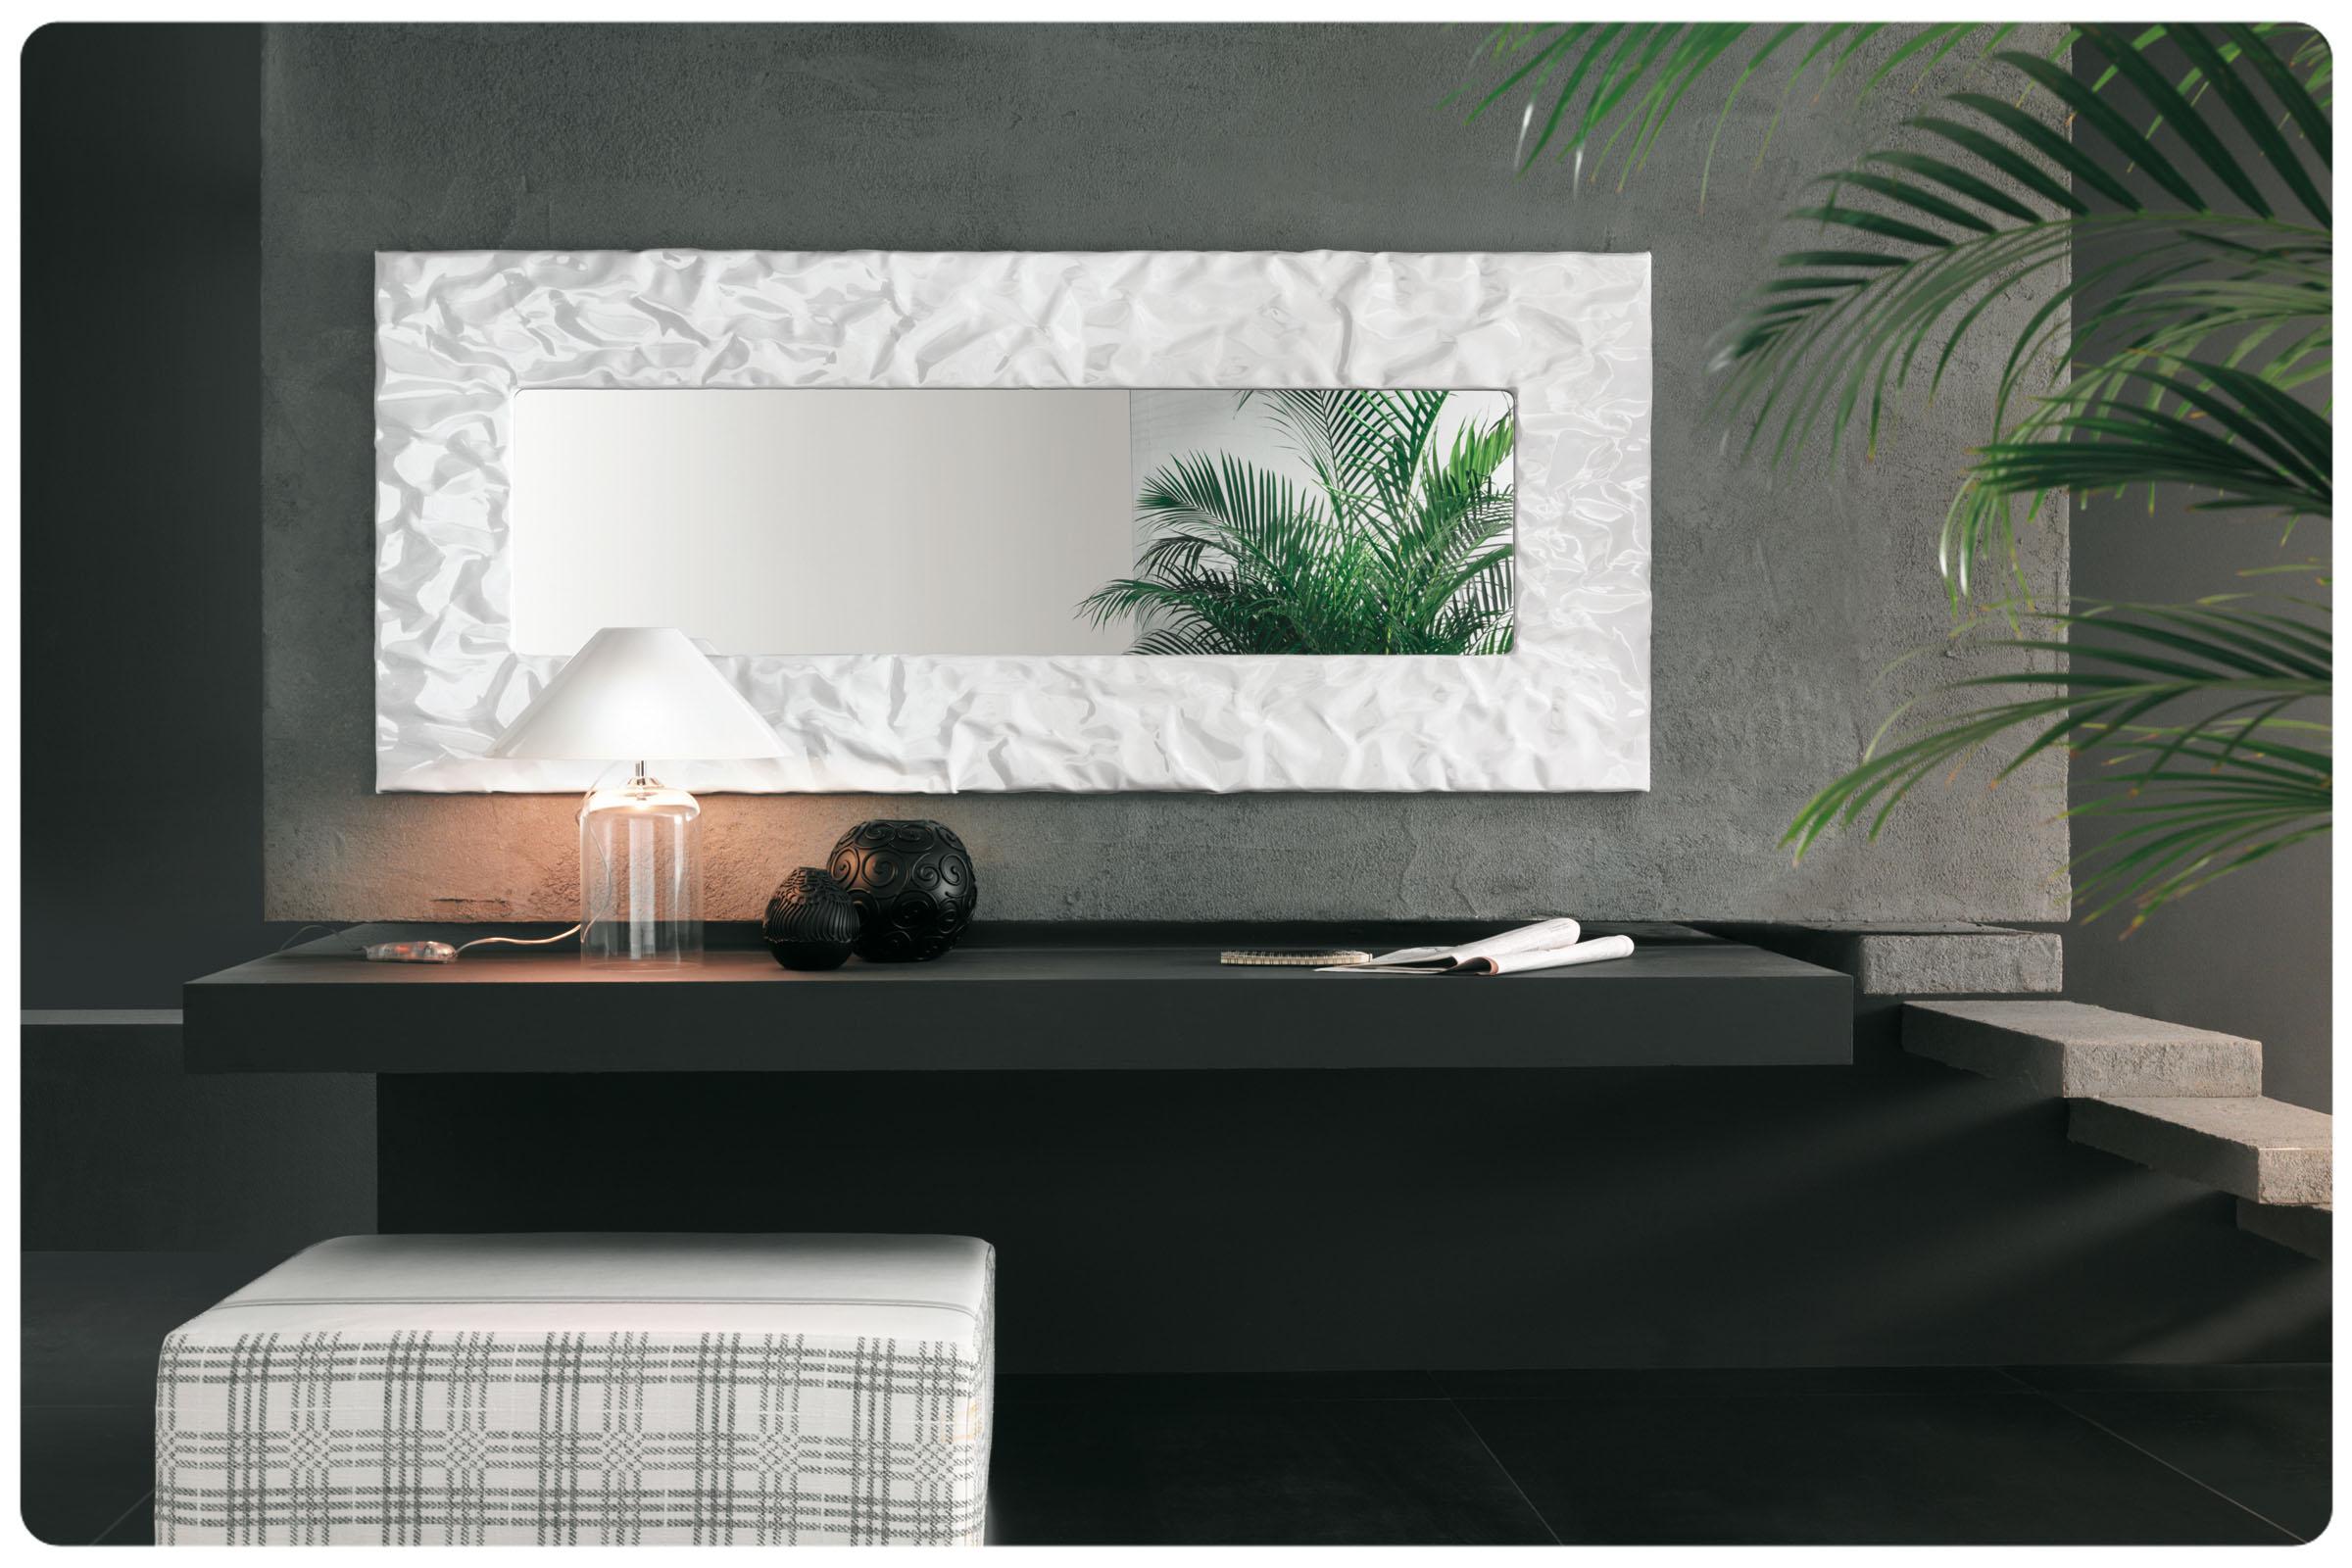 Specchio prisma riflessi prezzo idea d 39 immagine di decorazione - Riflessi specchi prezzi ...